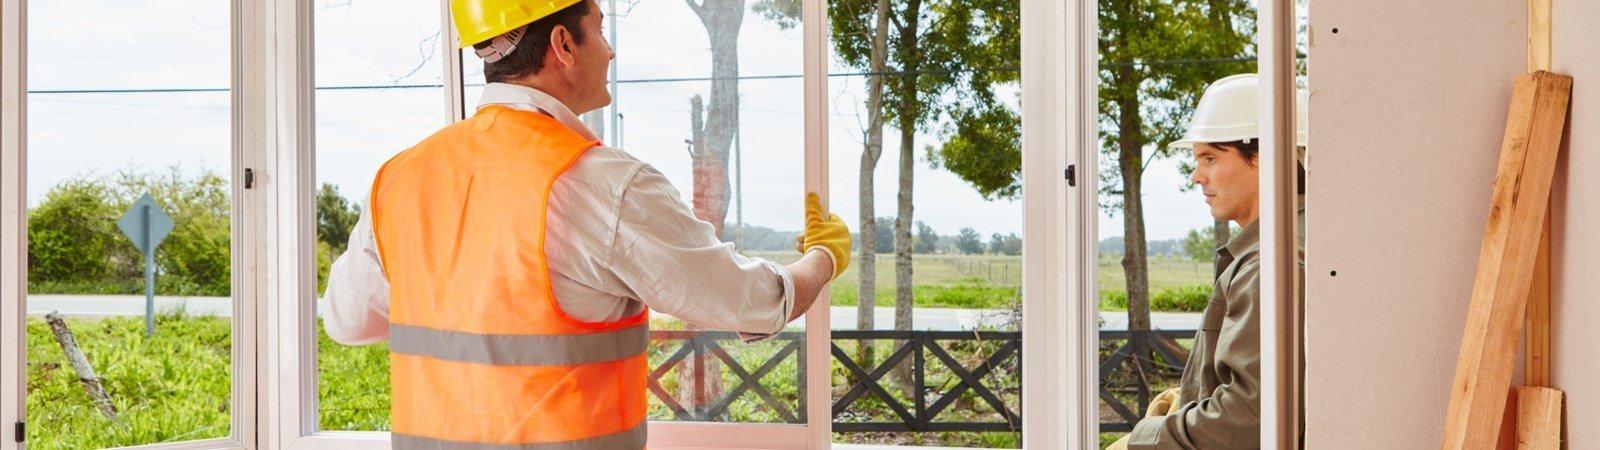 Neue Fenster einbauen: Energieeffizient modernisieren und Heizkosten sparen